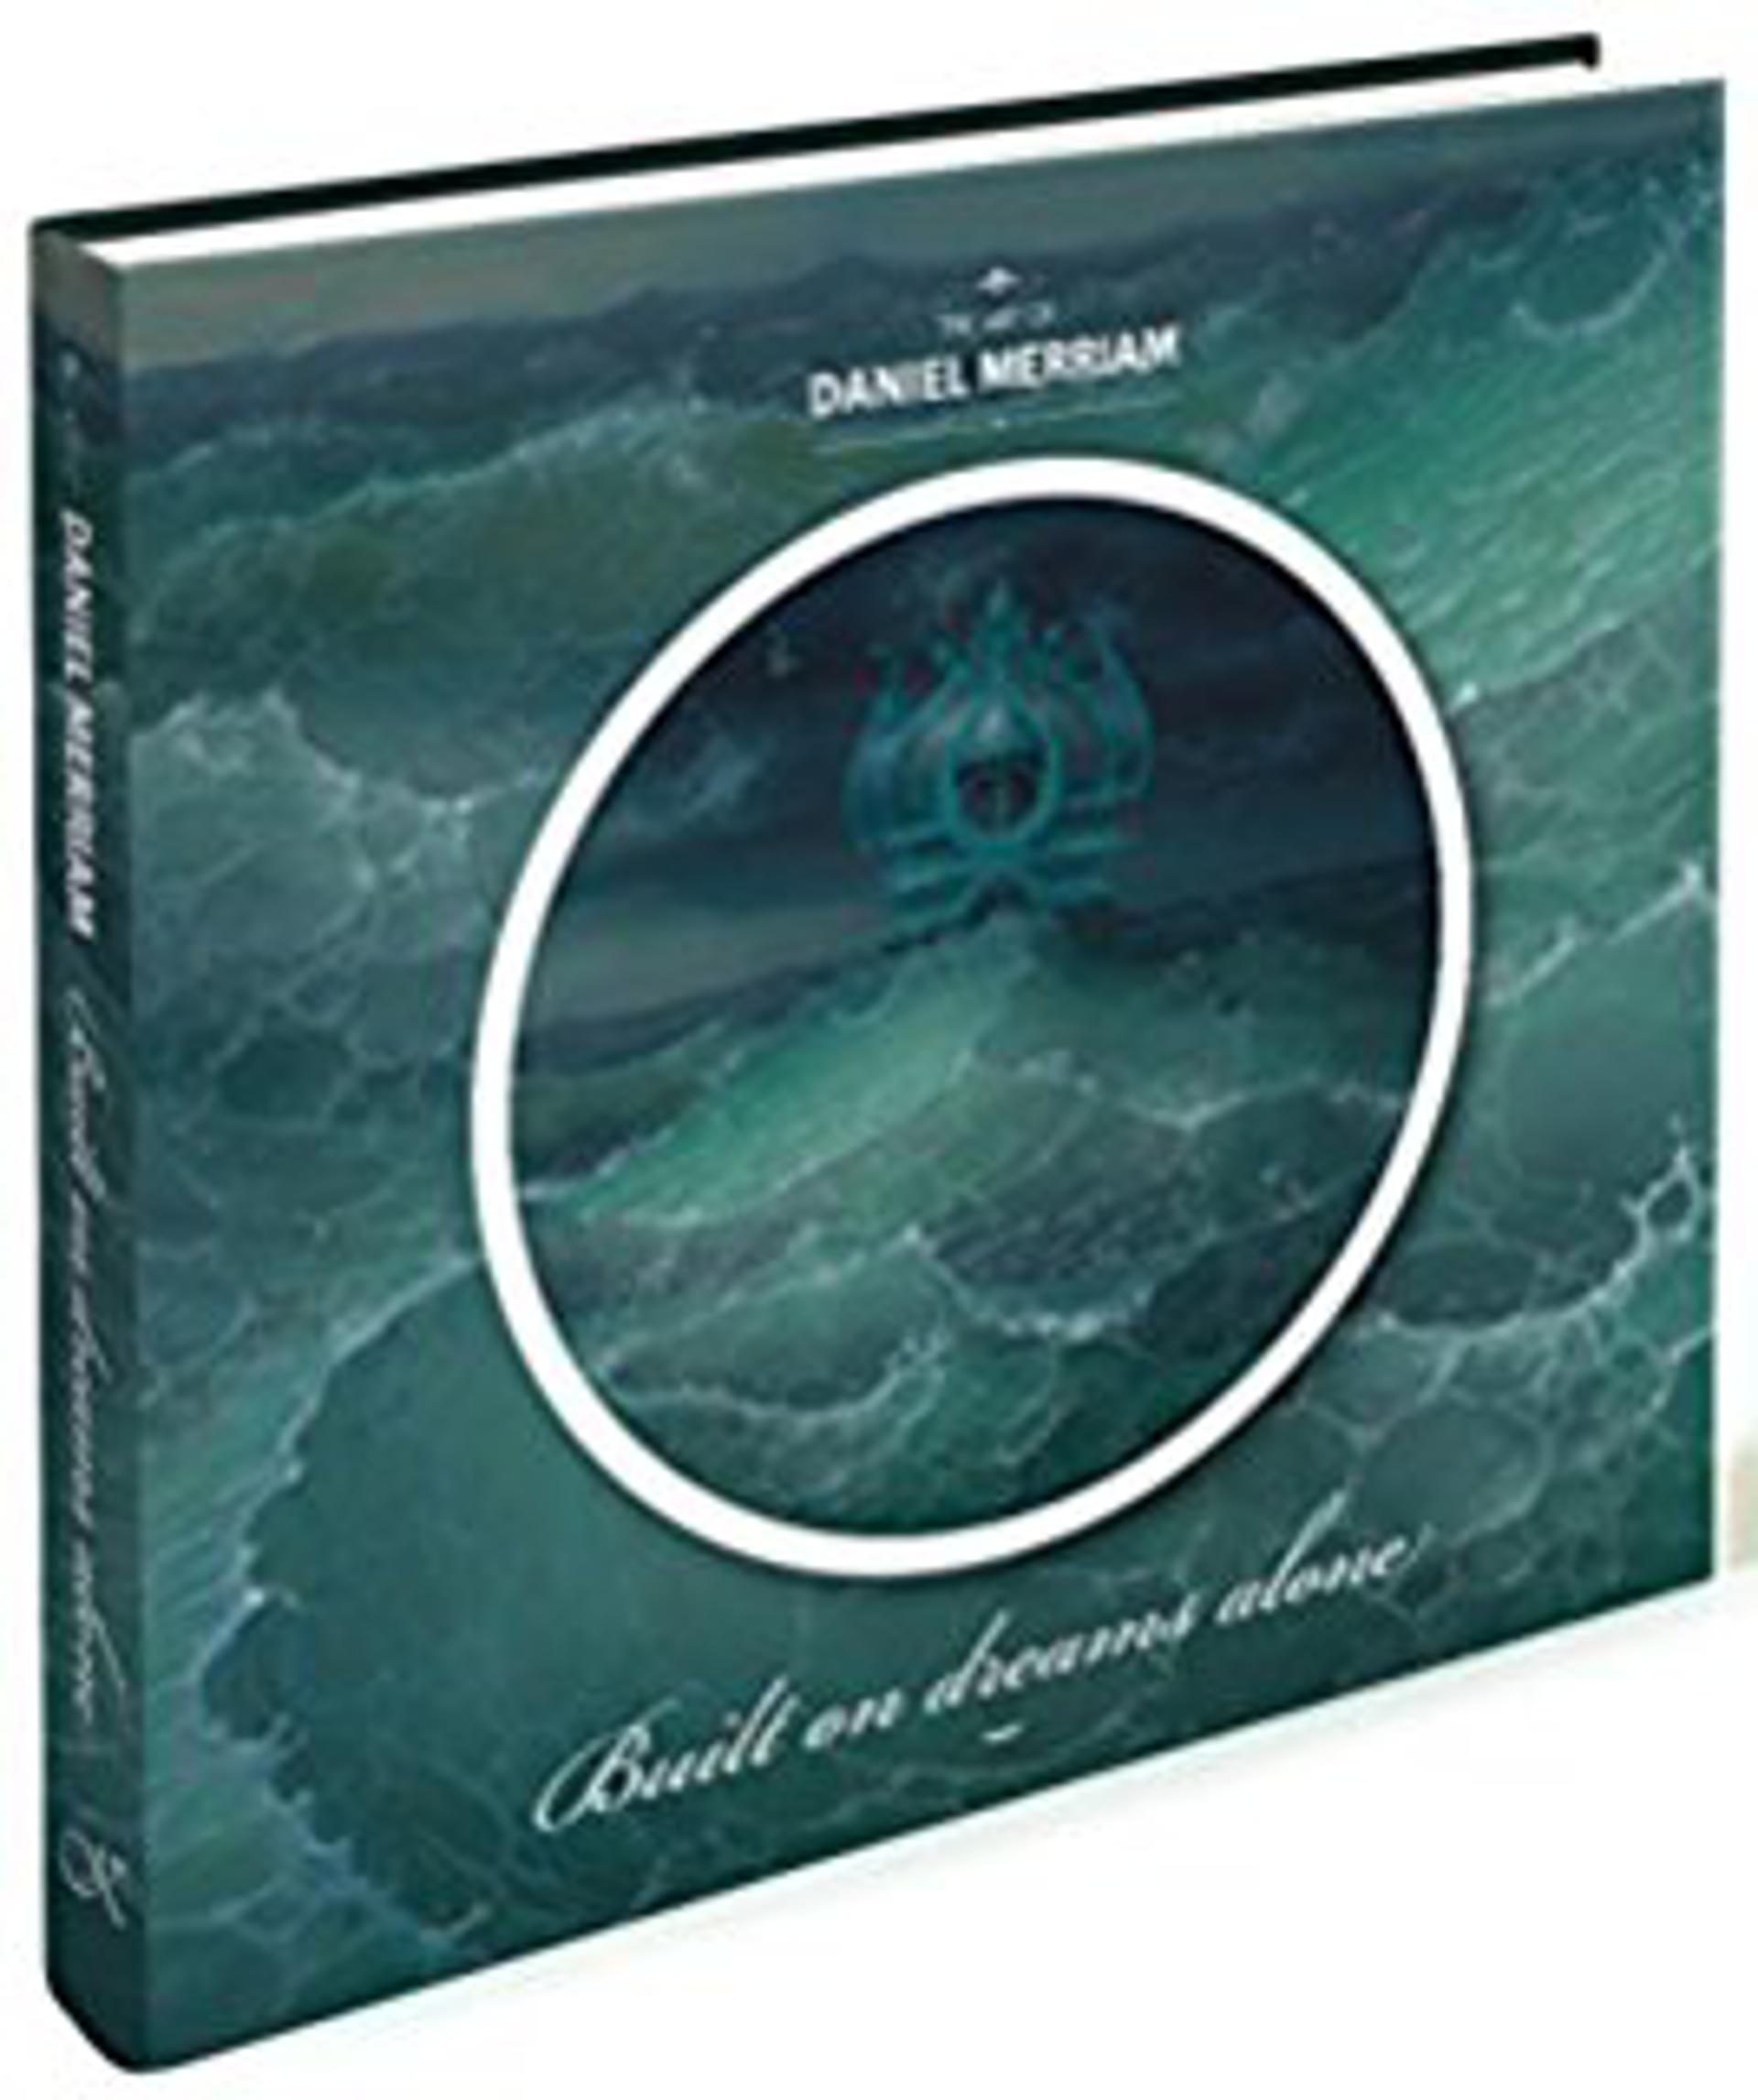 """Book: The Art of Daniel Merriam """"Built On Dreams Alone"""" by Daniel Merriam"""